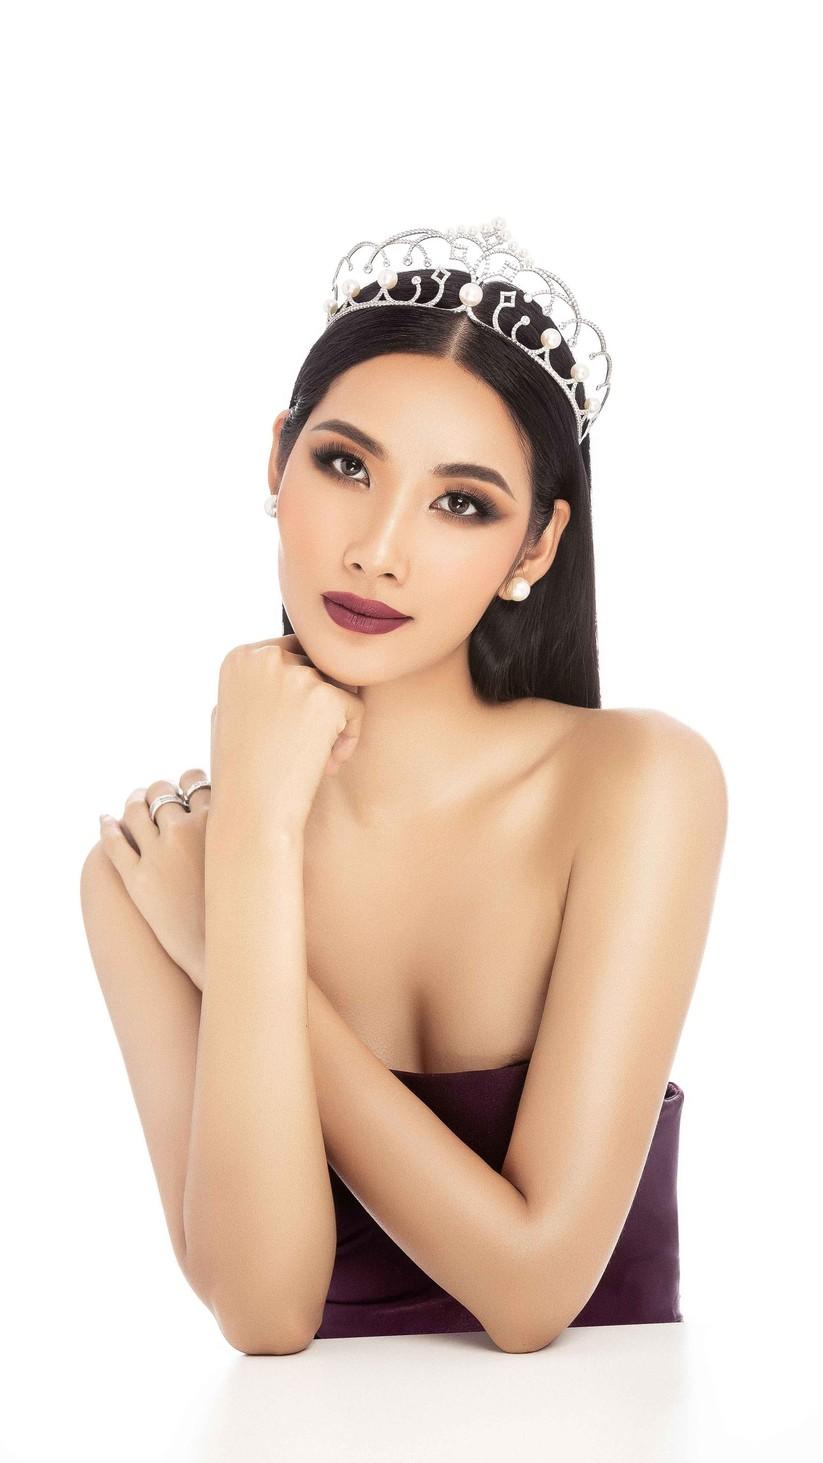 """Hoàng Thùy quá áp lực với """"gánh nặng"""" Top 5 của hoa hậu H'Hen Niê ảnh 3"""